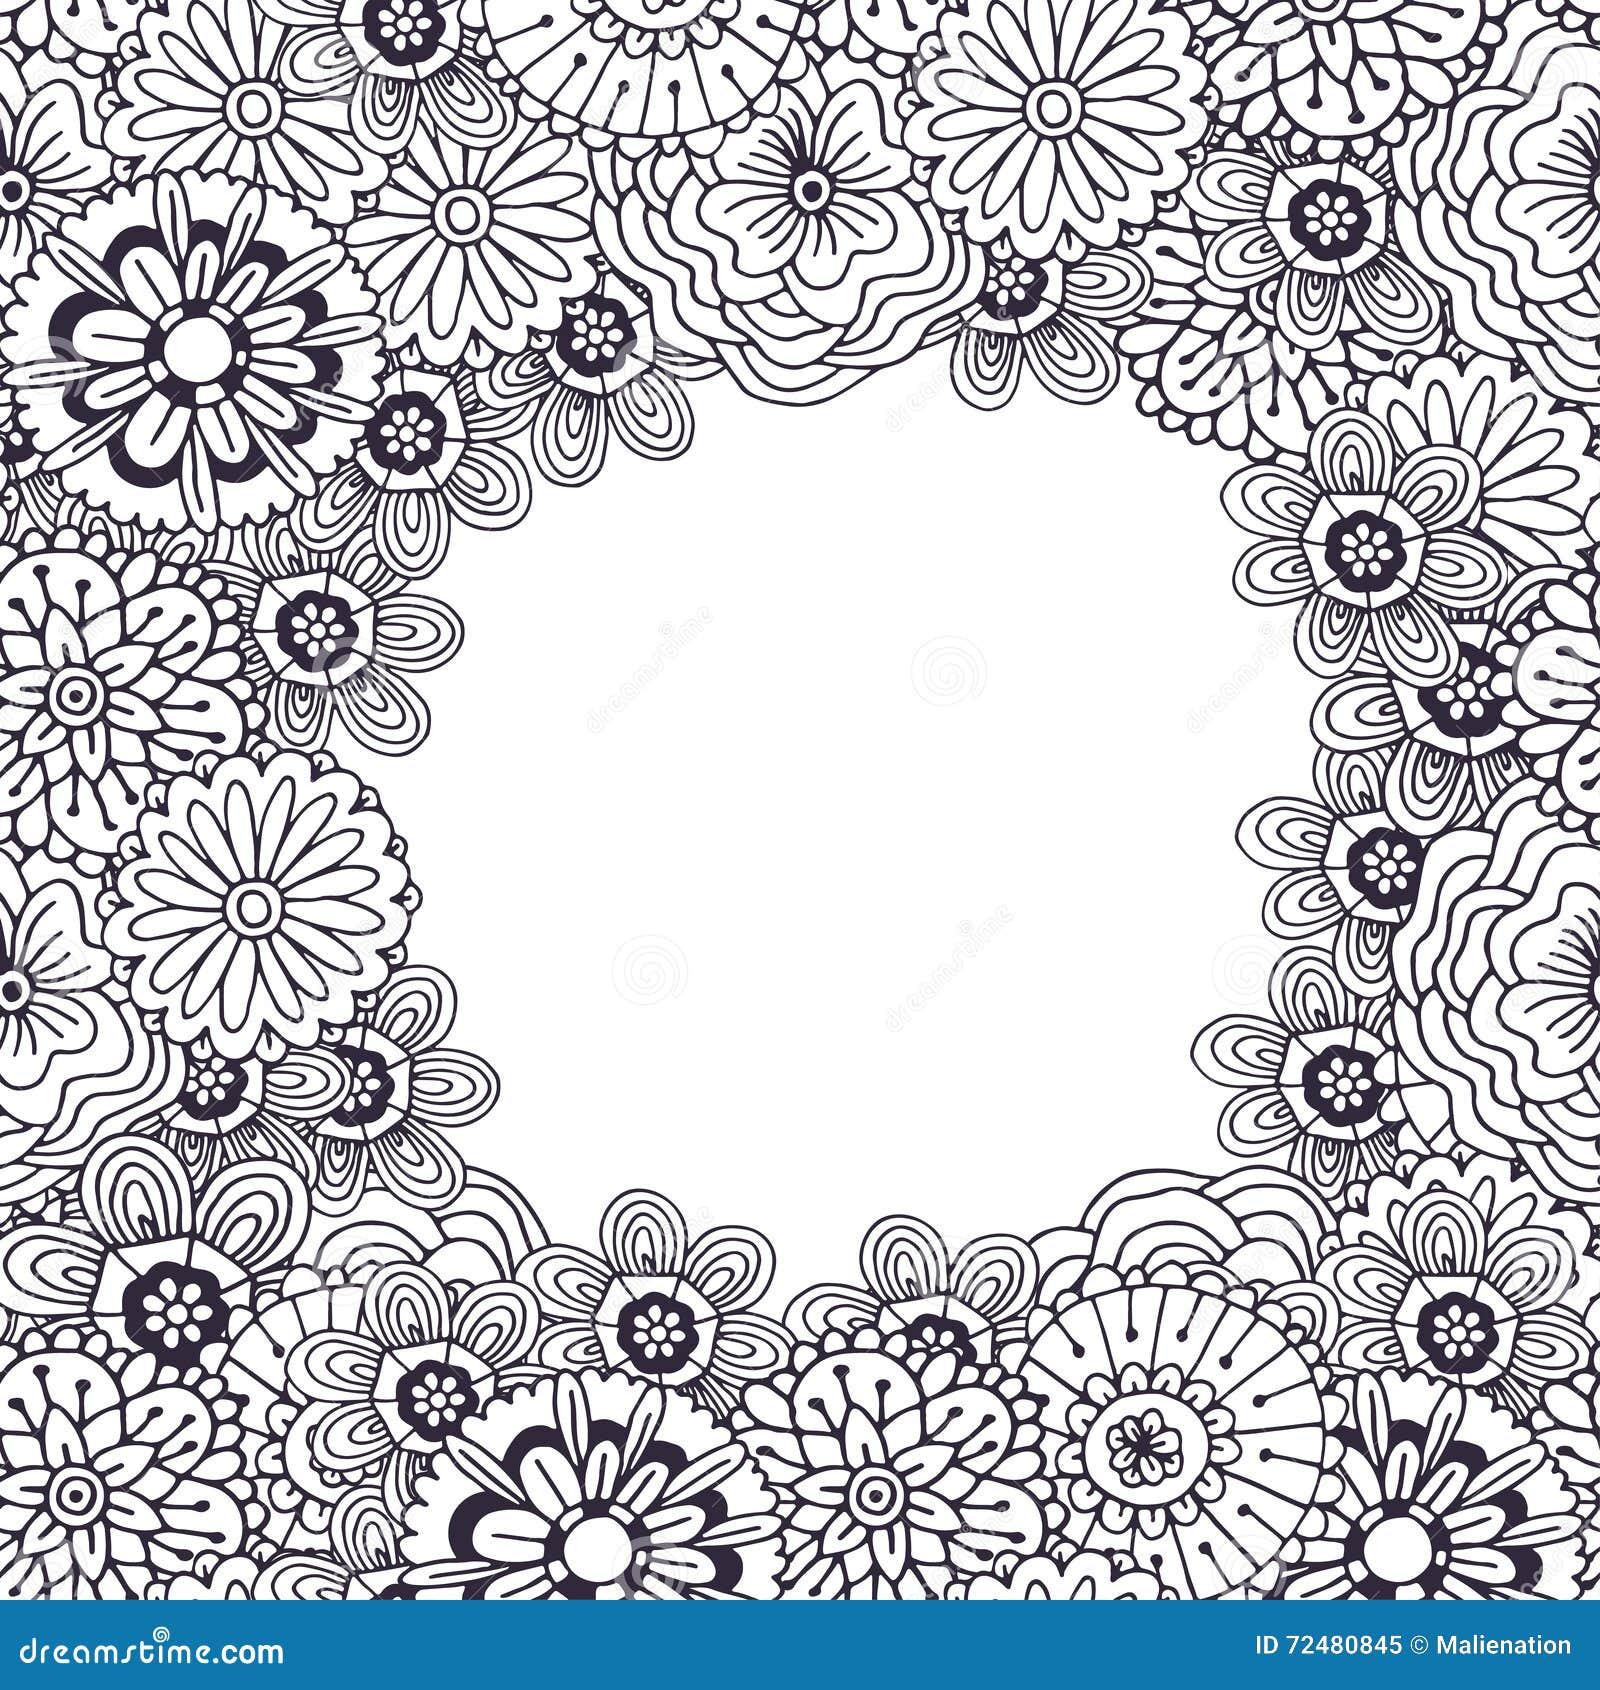 Coloriage Cadre Fleur.Page Adulte De Livre De Coloriage Cadre De Vecteur Avec Le Modele De